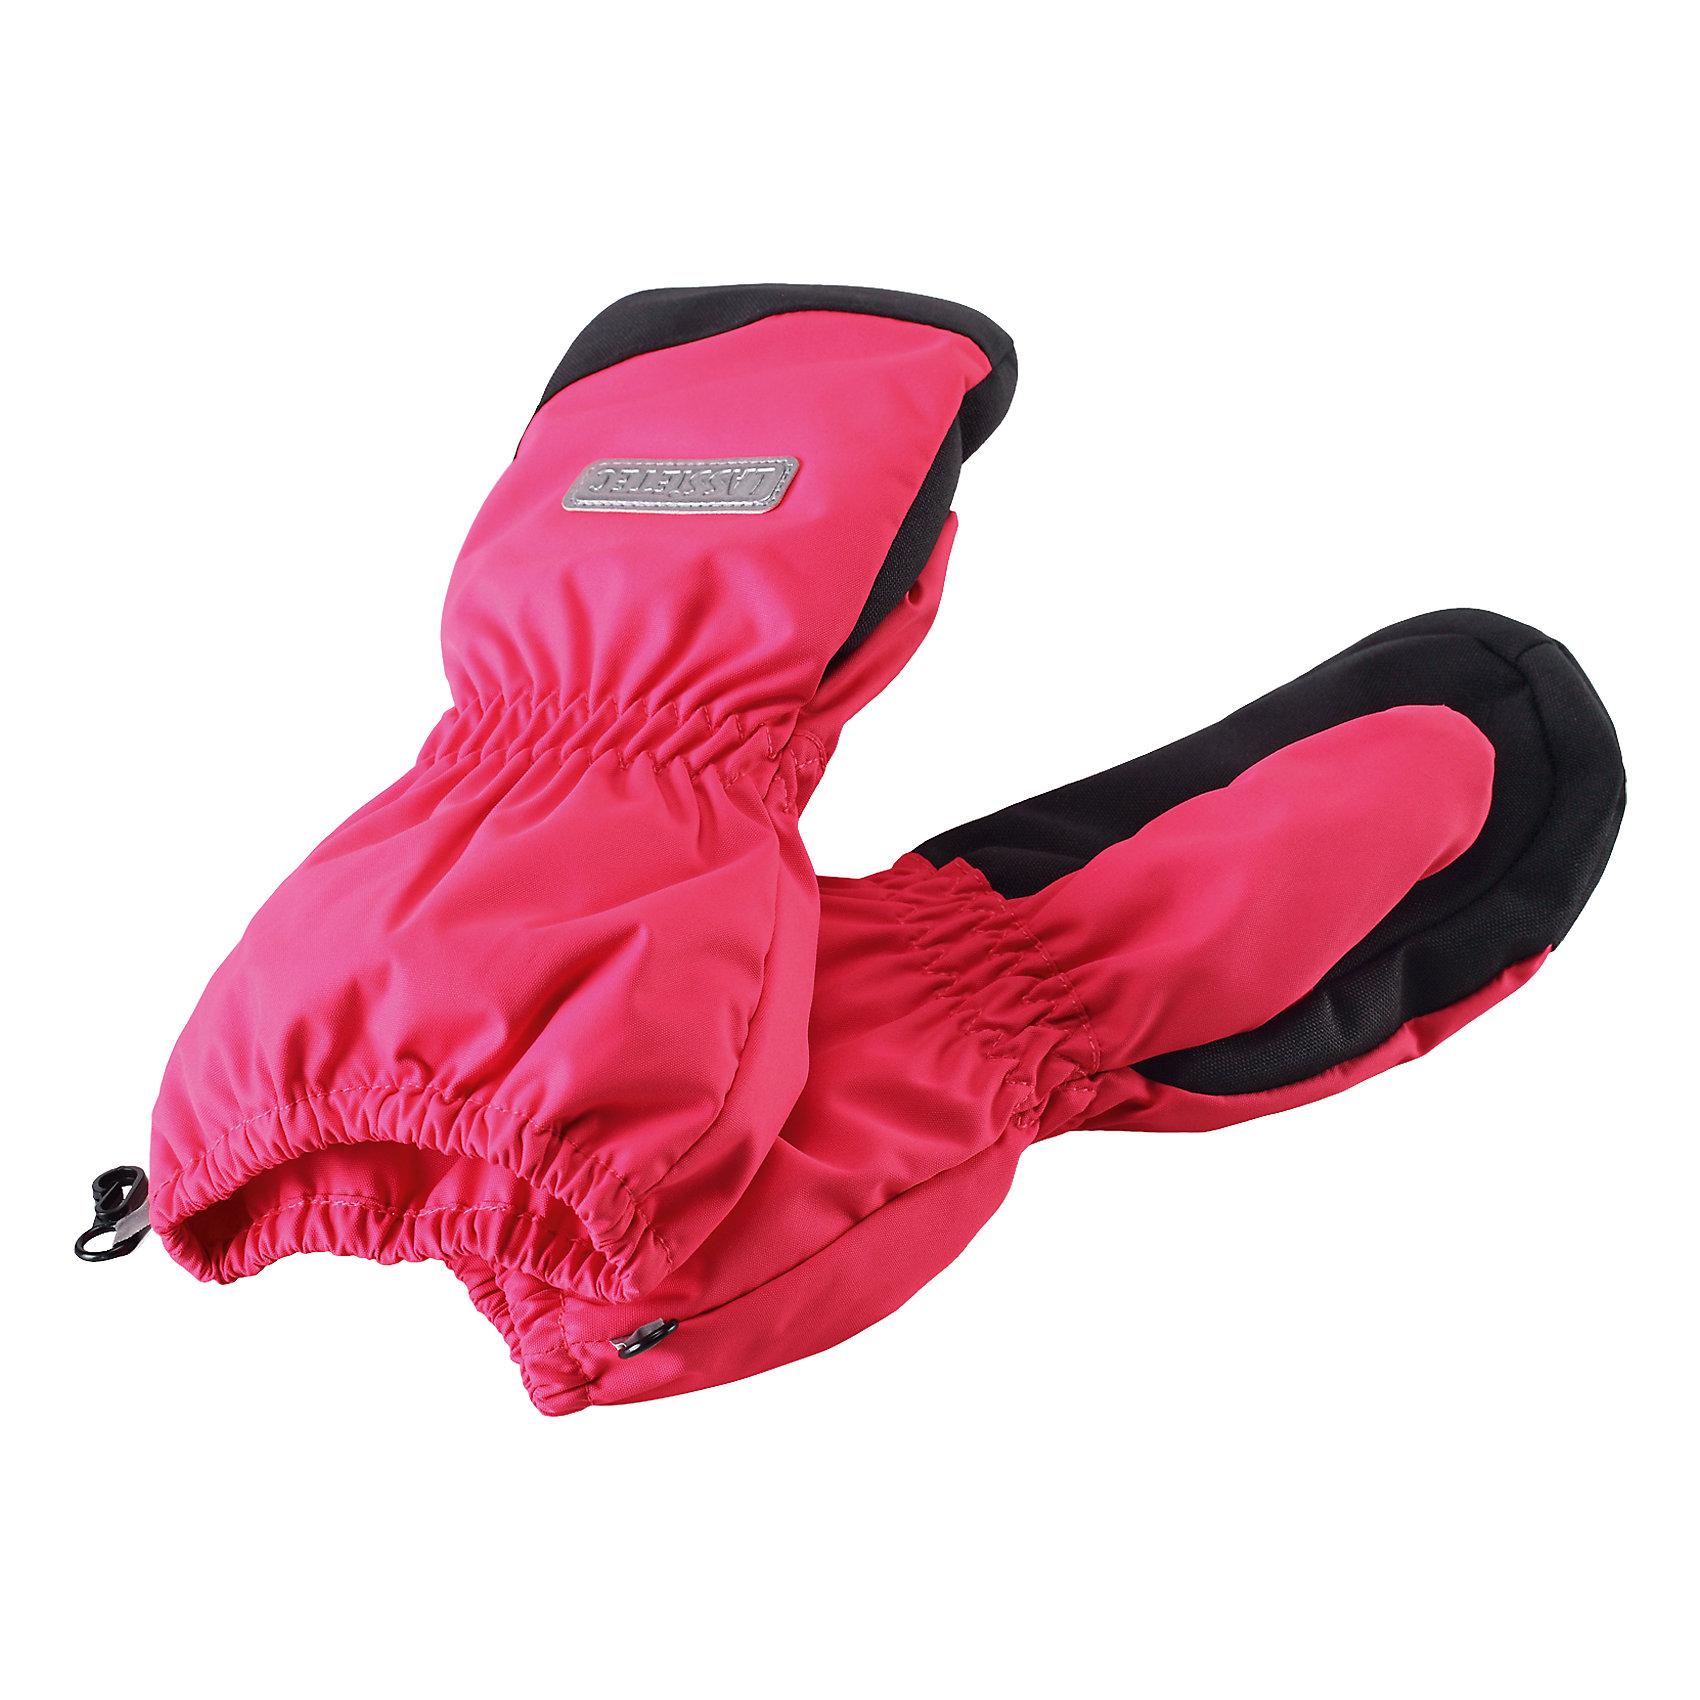 Варежки LASSIEПерчатки, варежки<br>Зимние варежки для детей Lassietec®.<br><br>- Водонепроницаемая вставка. Водо- и ветронепроницаемый «дышащий» материал. <br>- Накладки на ладонях и больших пальцах. <br>- Подкладка из полиэстера с начесом. <br>- Средняя степень утепления.<br>- Светоотражающая эмблема Lassie®. <br><br> Рекомендации по уходу: Полоскать без специального средства. Сушить при низкой температуре.<br><br>Состав: 86% Полиэстер, 12% полиуретановое покрытие, 2% эластан.<br><br>Ширина мм: 162<br>Глубина мм: 171<br>Высота мм: 55<br>Вес г: 119<br>Цвет: розовый<br>Возраст от месяцев: 120<br>Возраст до месяцев: 144<br>Пол: Женский<br>Возраст: Детский<br>Размер: 6,3,4,5<br>SKU: 4780548